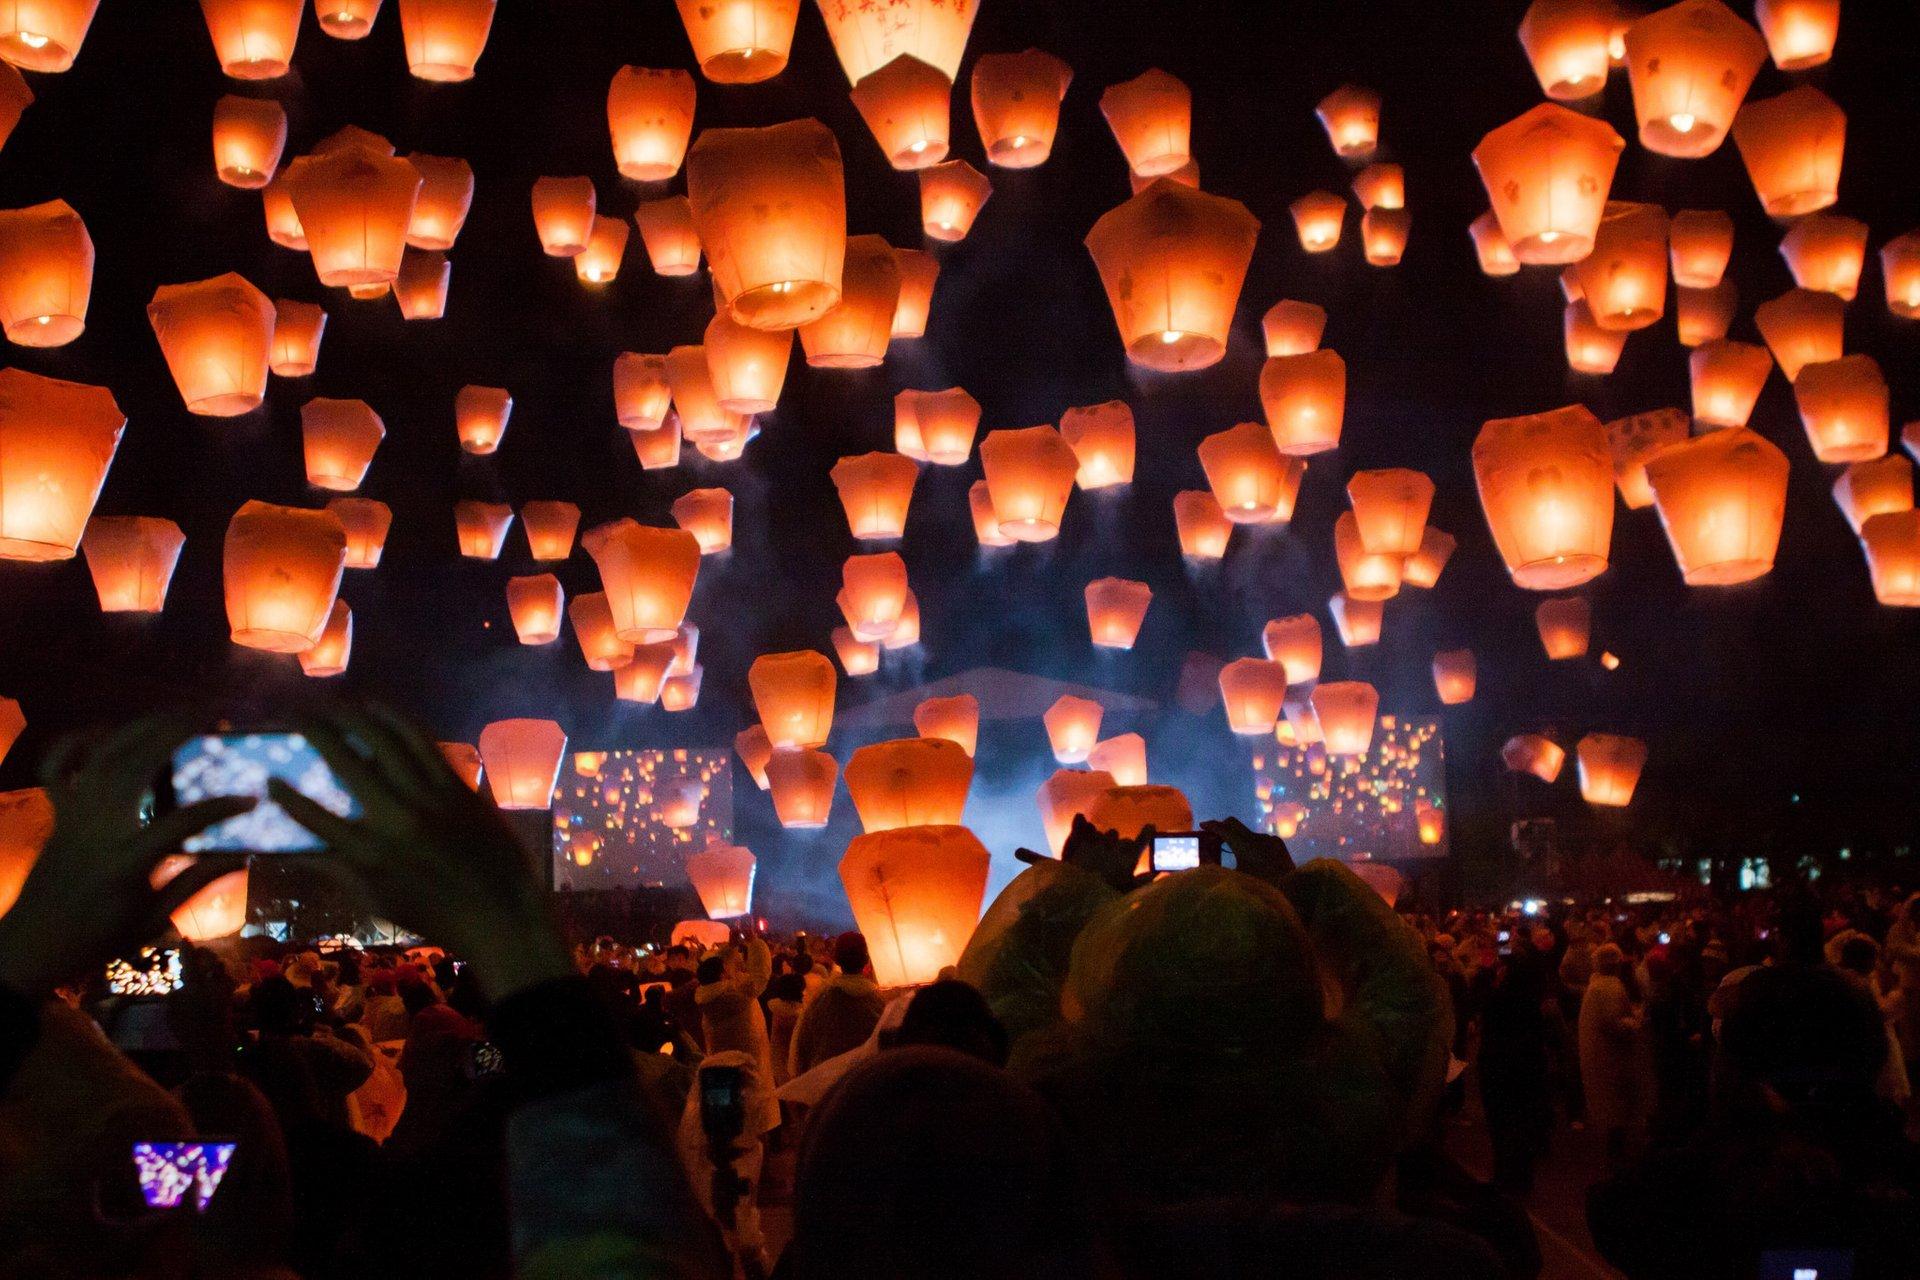 Pingxi Sky Lantern Festival in Taiwan 2019 - Best Time